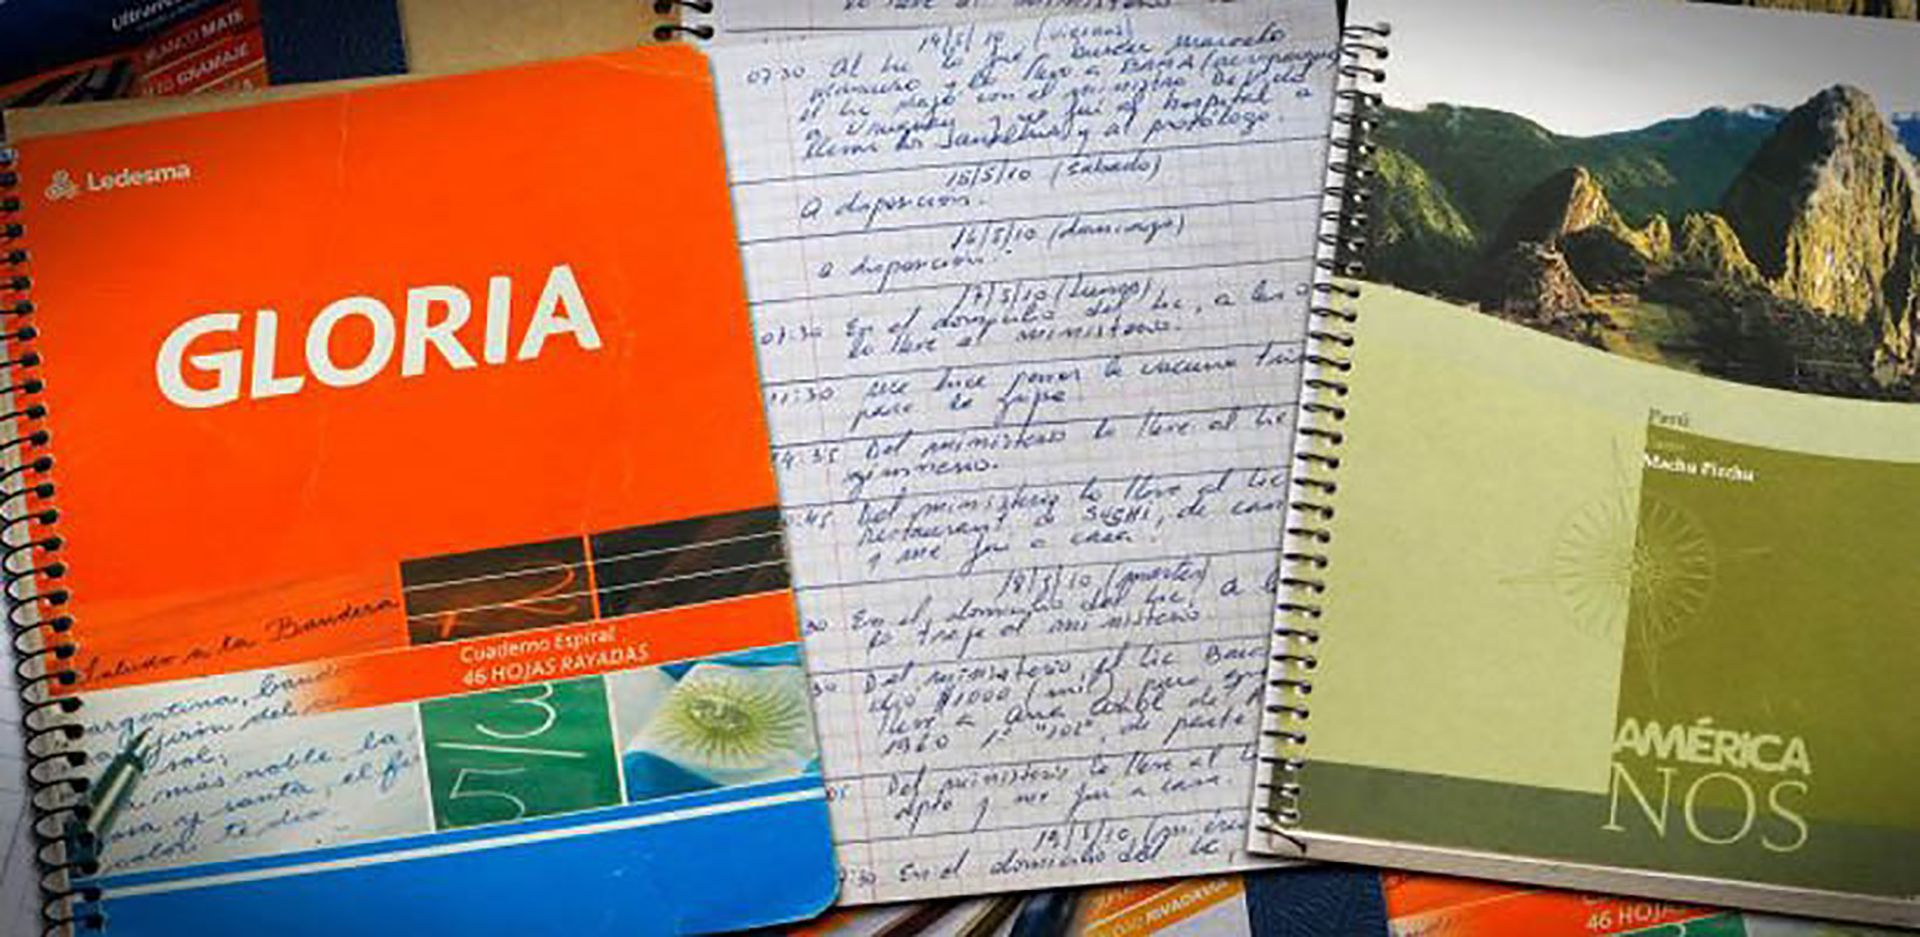 Causa de los cuadernos.